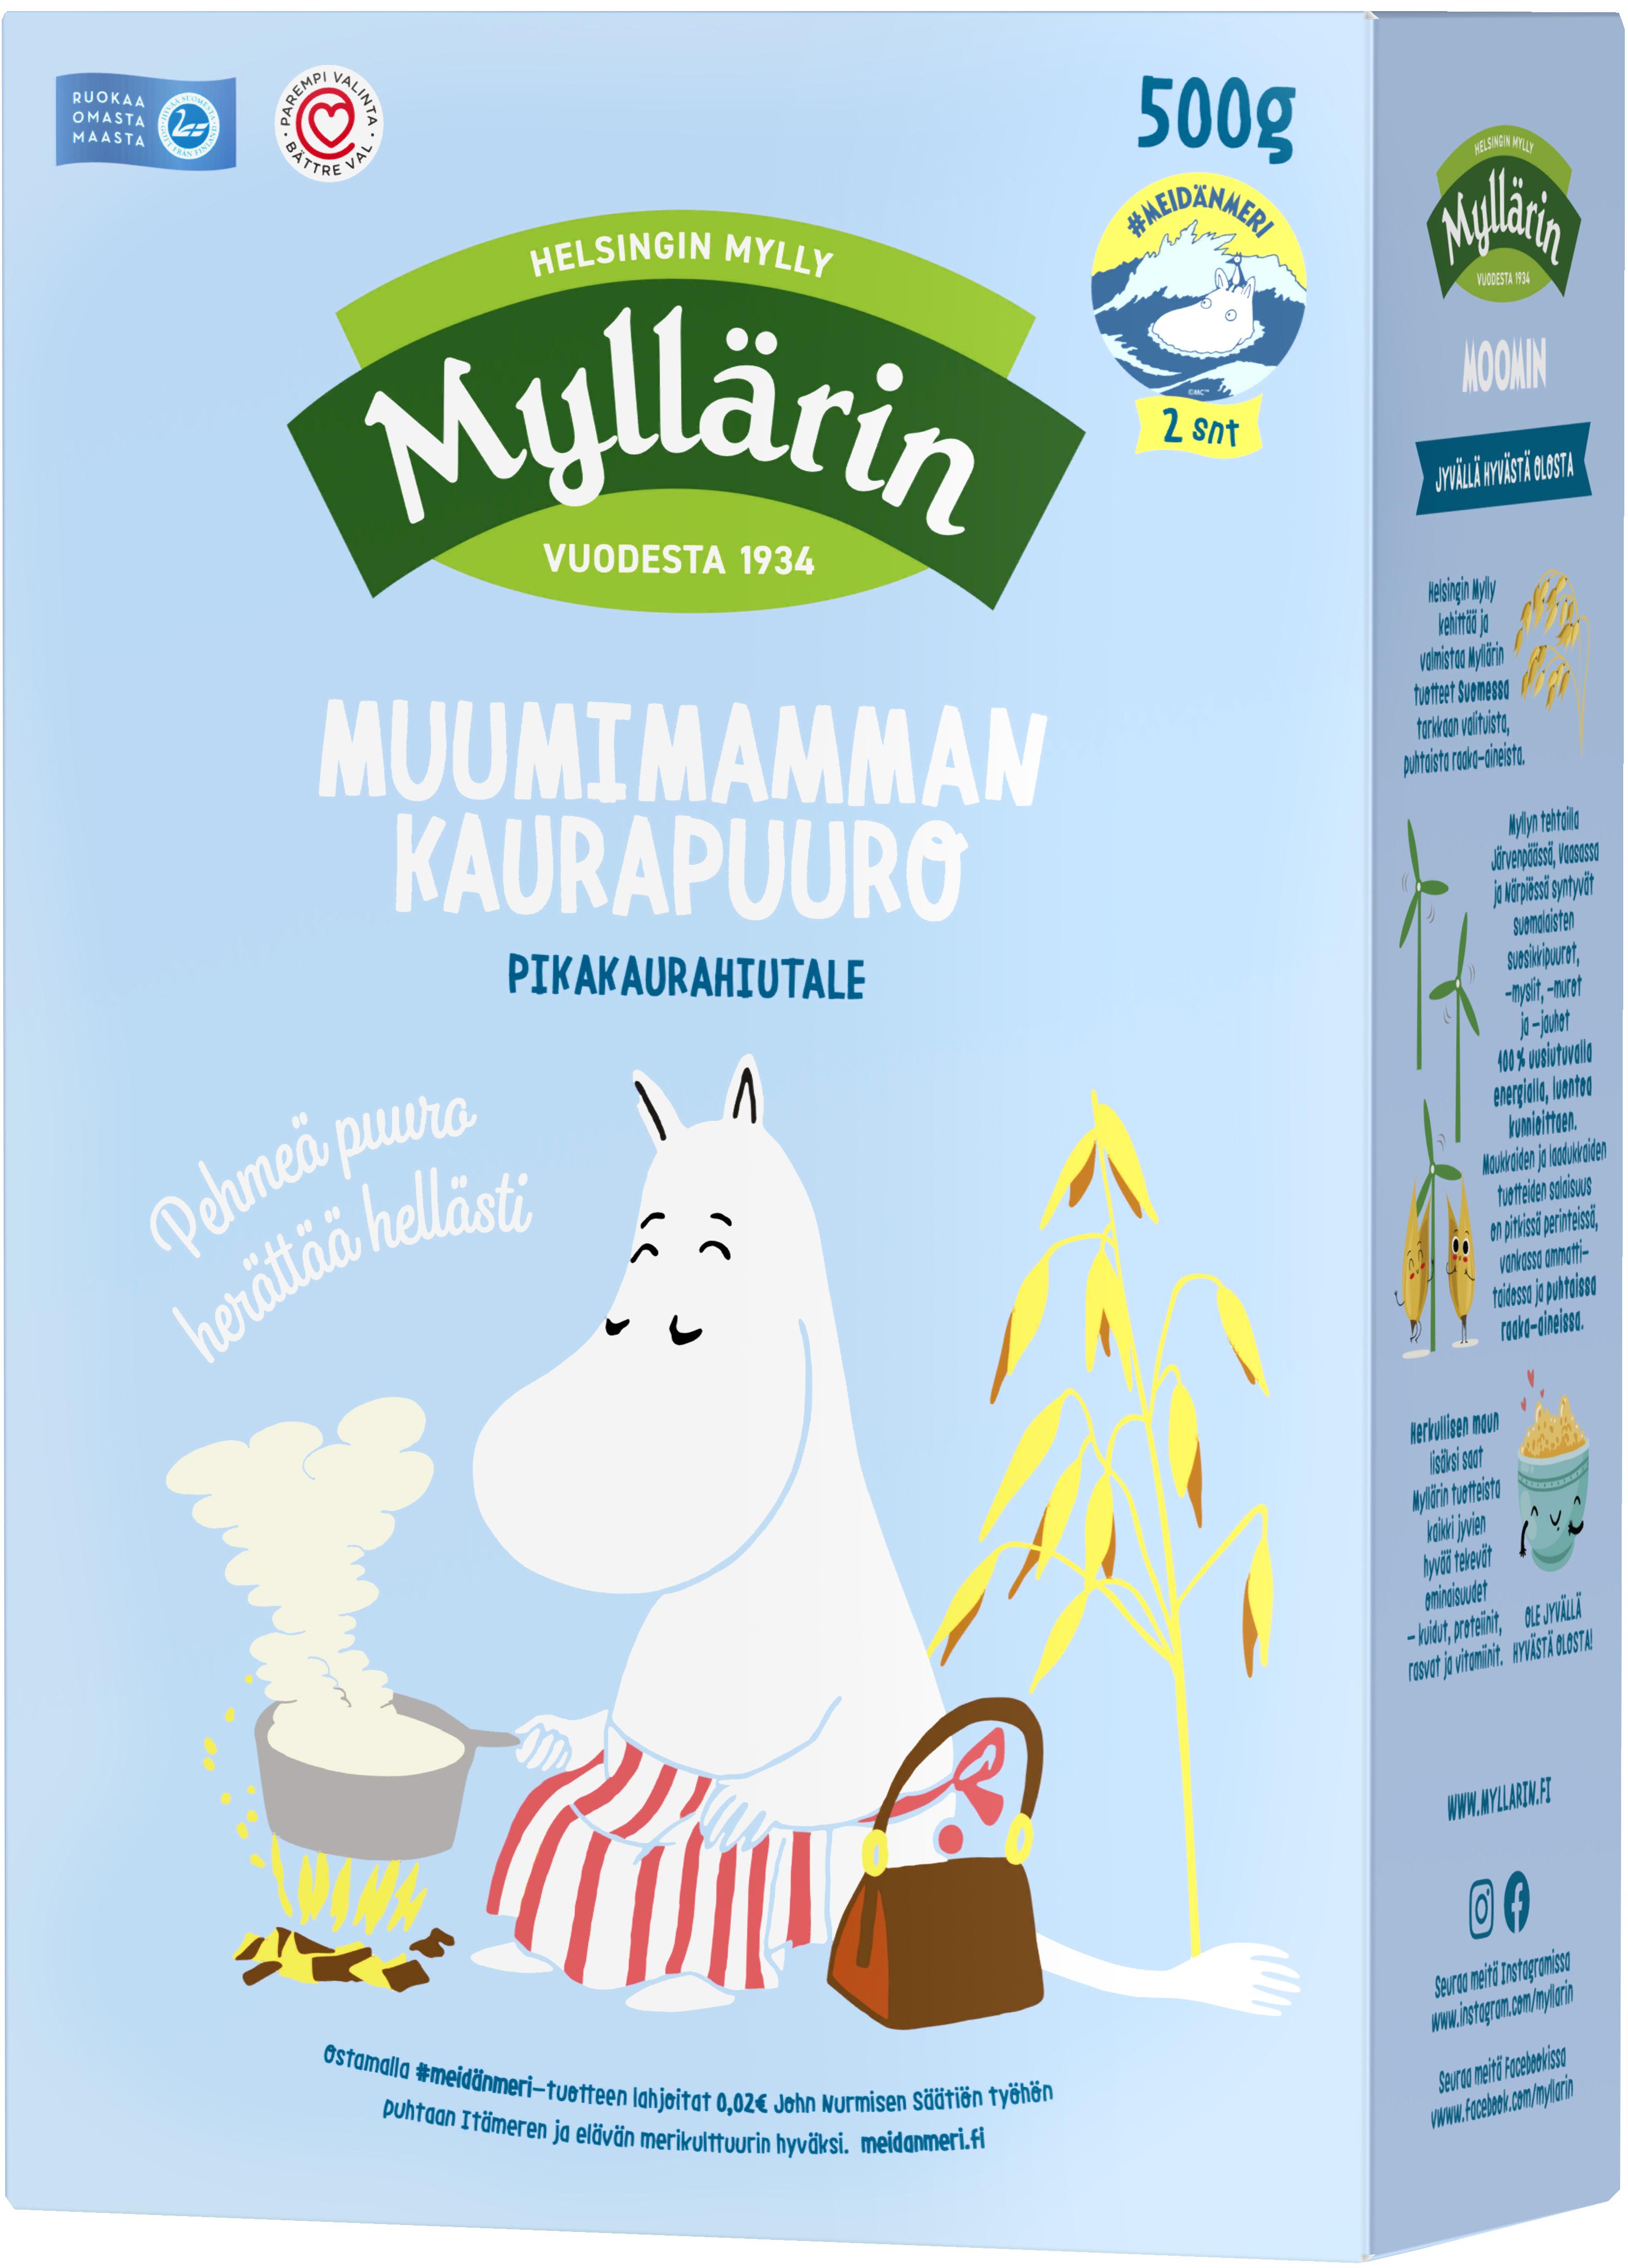 Myllärin Moominmamma's Oatmeal 500 g